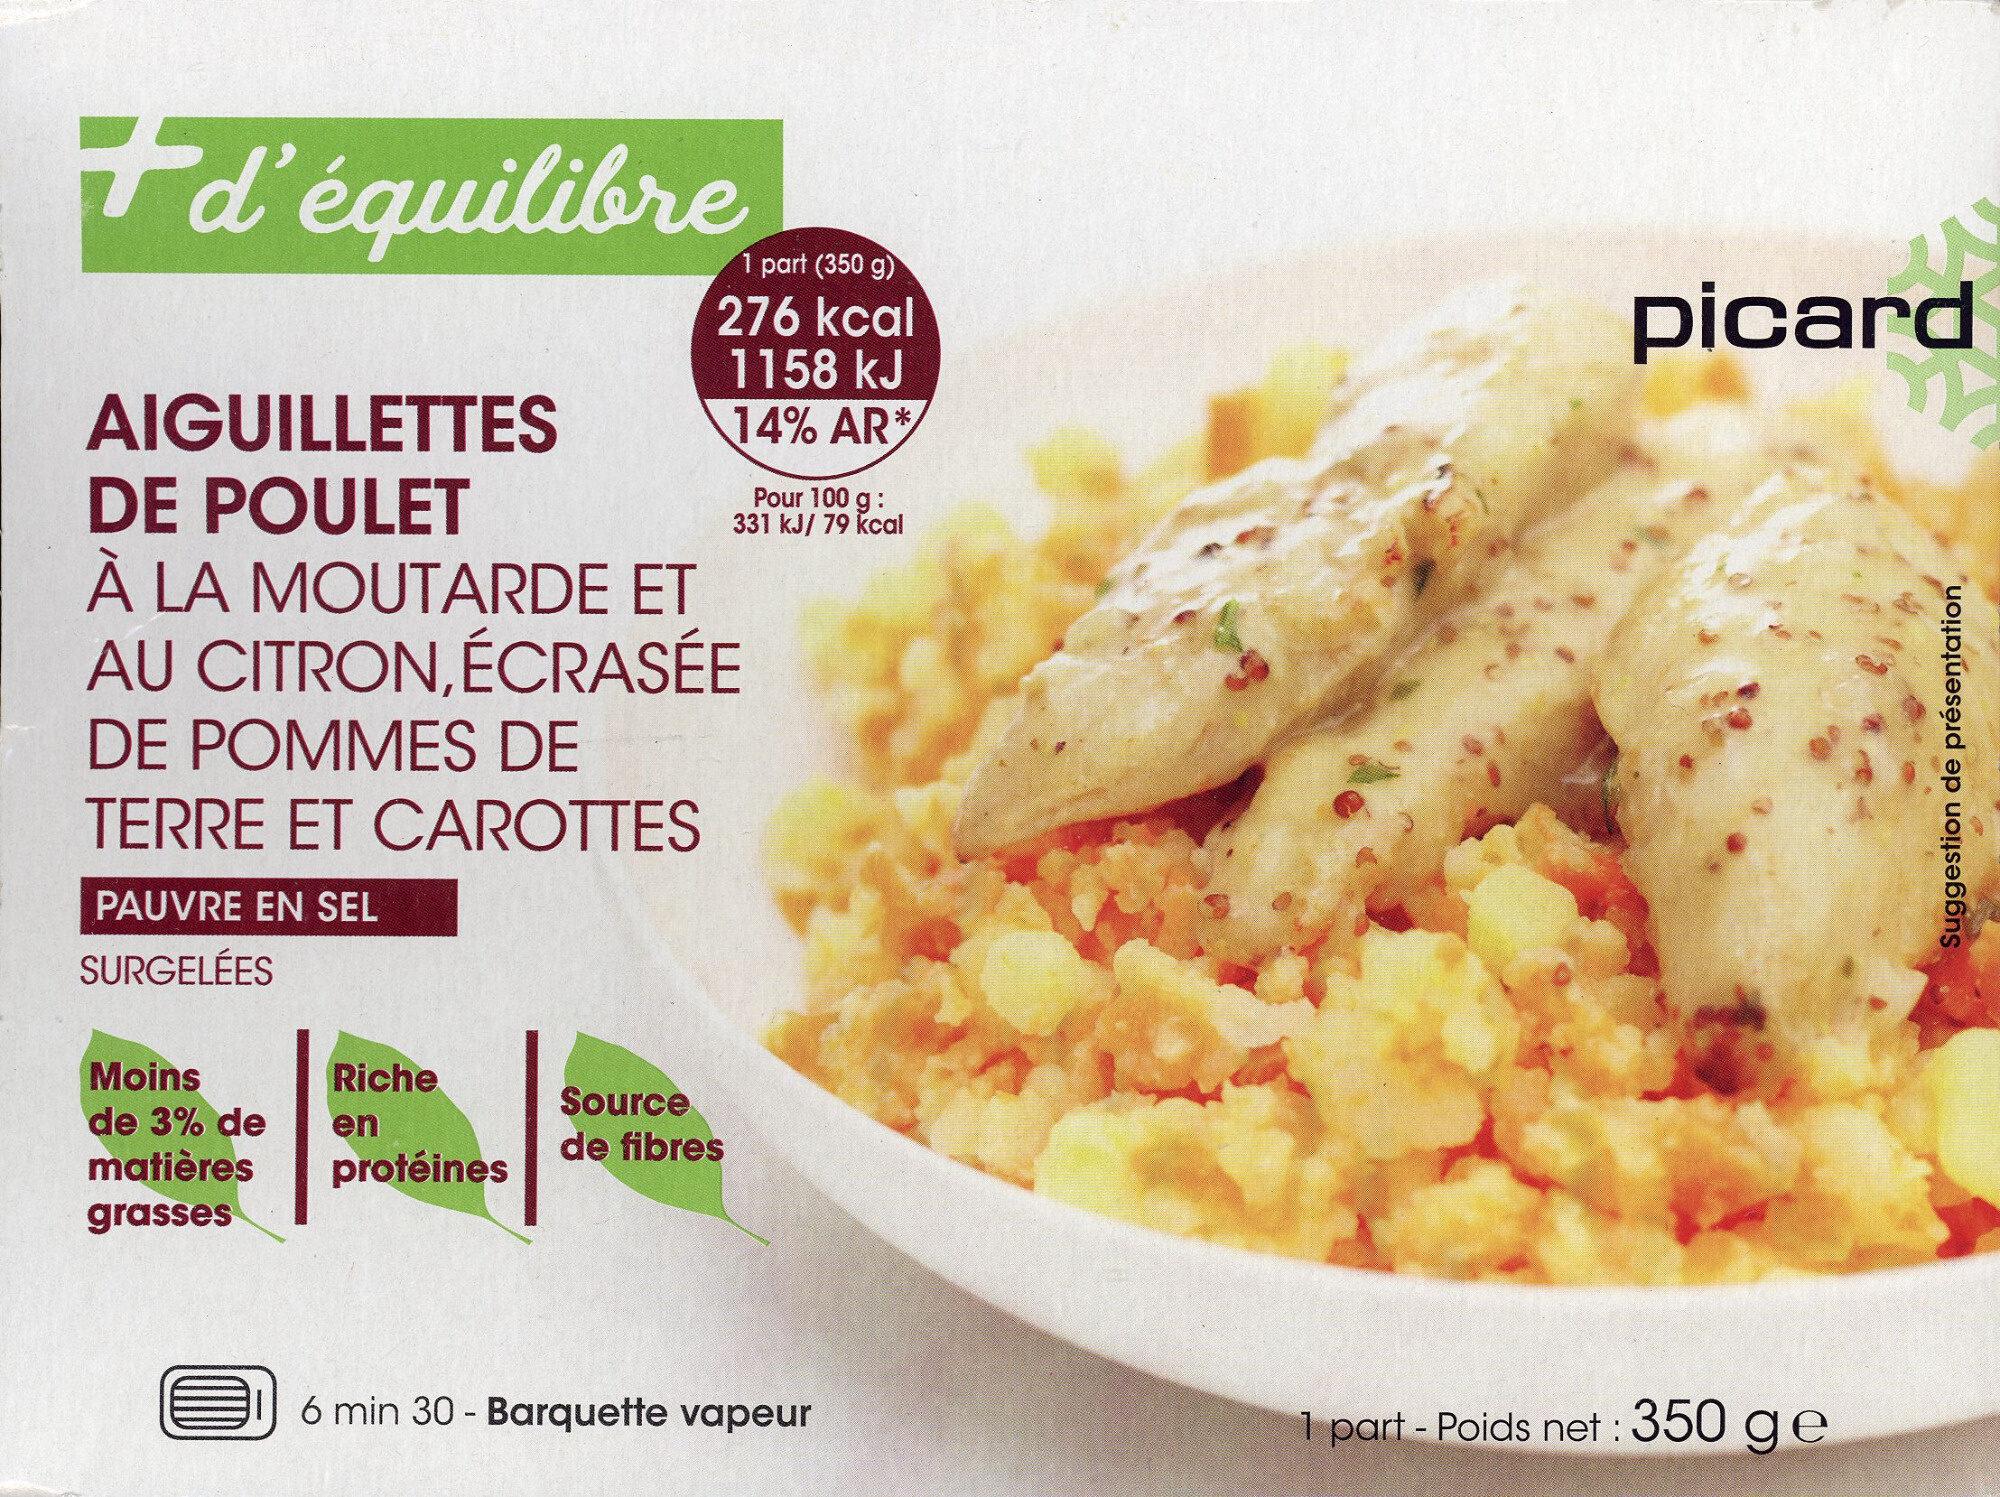 Aiguillettes de poulet à la moutarde - Product